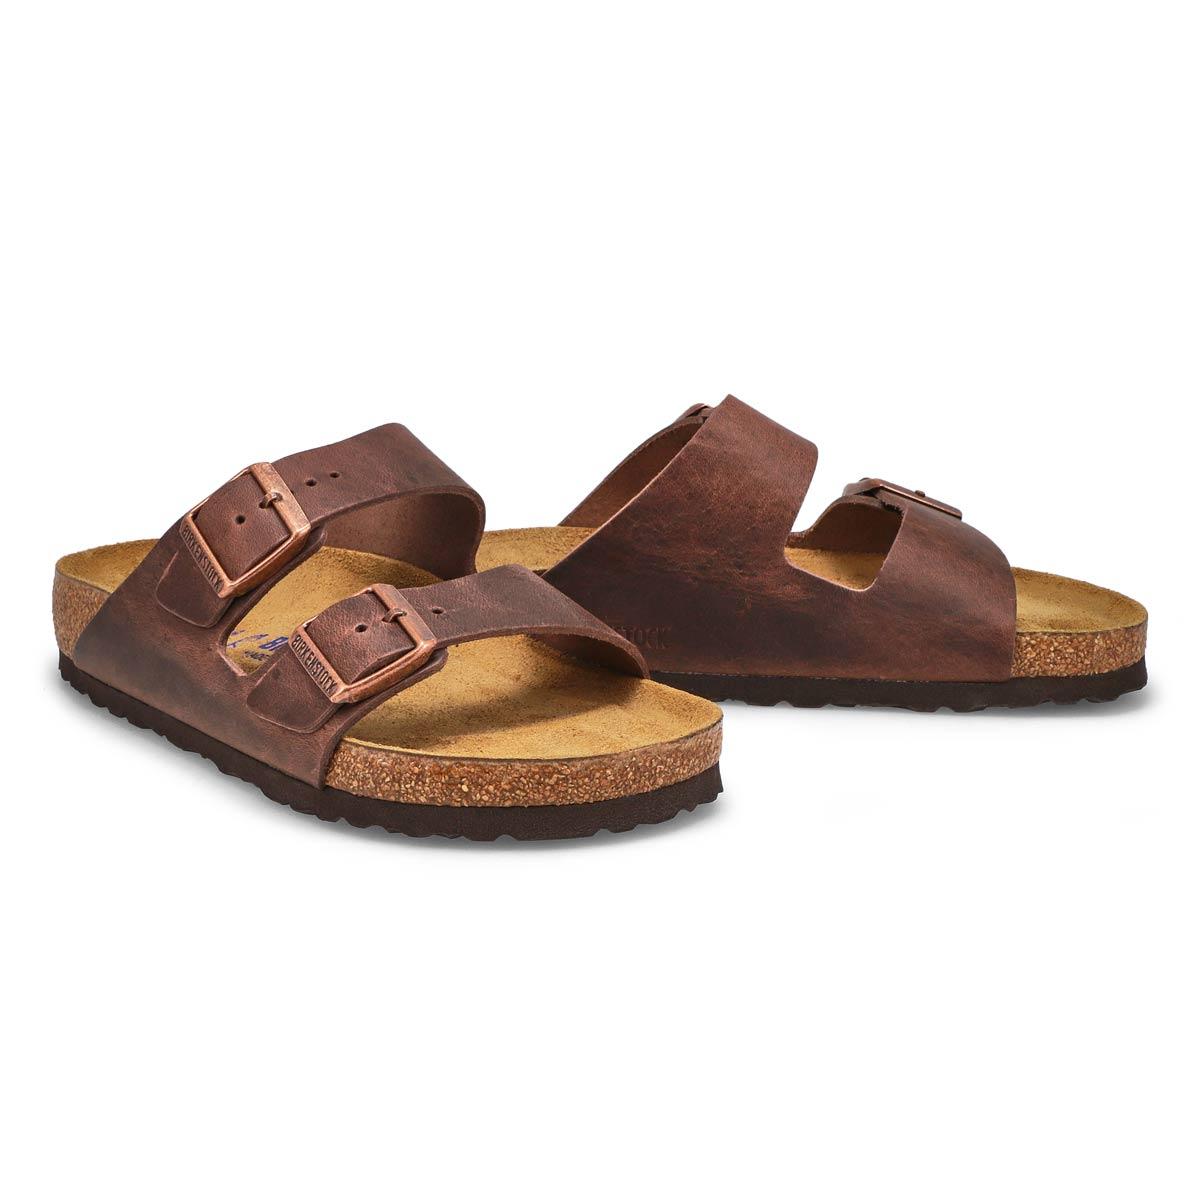 Sandale brun ARIZONA SF, fem